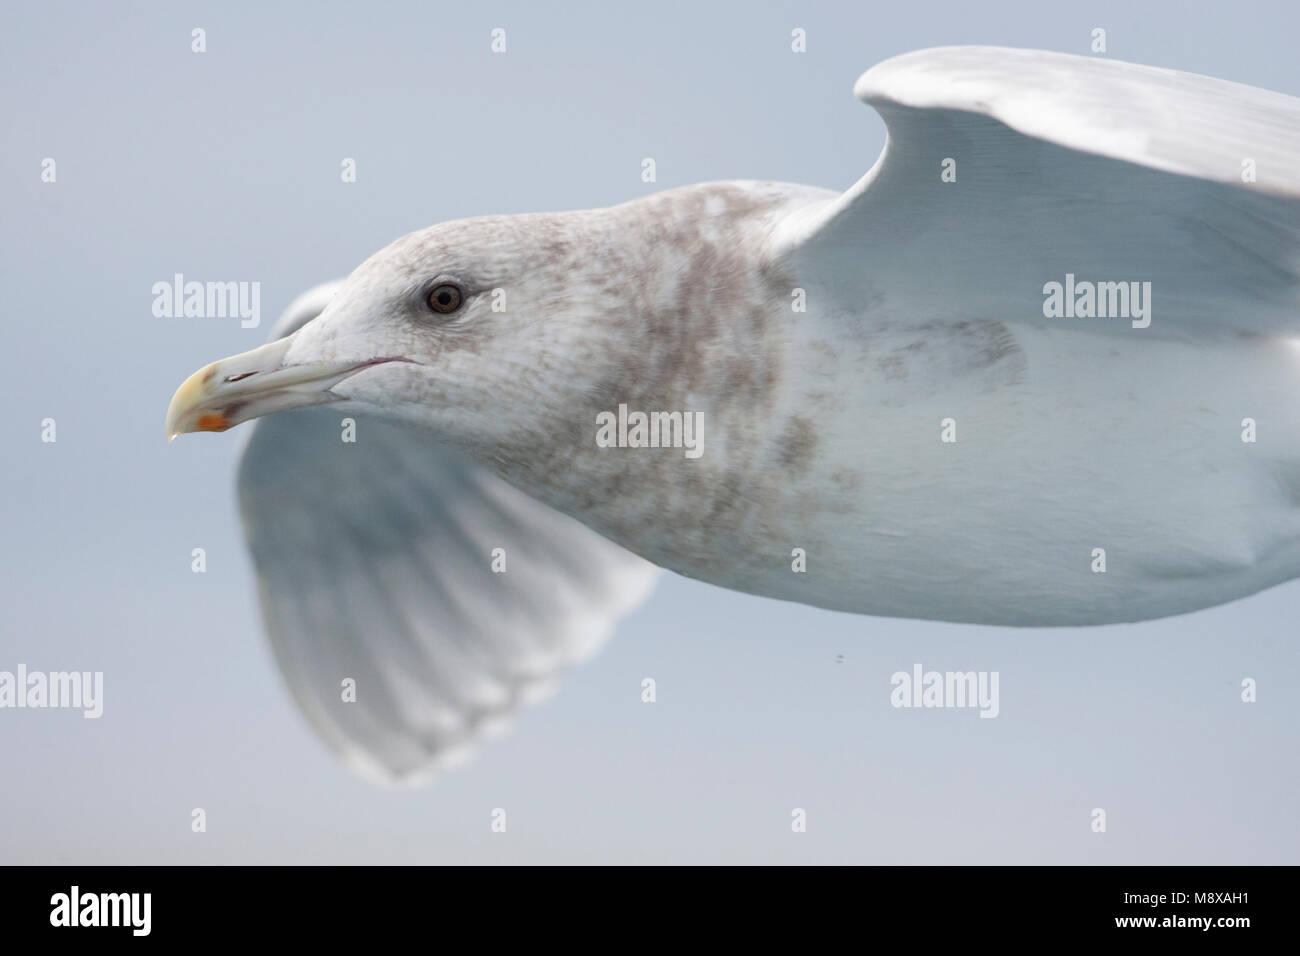 Volwassen Beringmeeuw in de vlucht; Adult Glaucous-winged Gull in flight - Stock Image